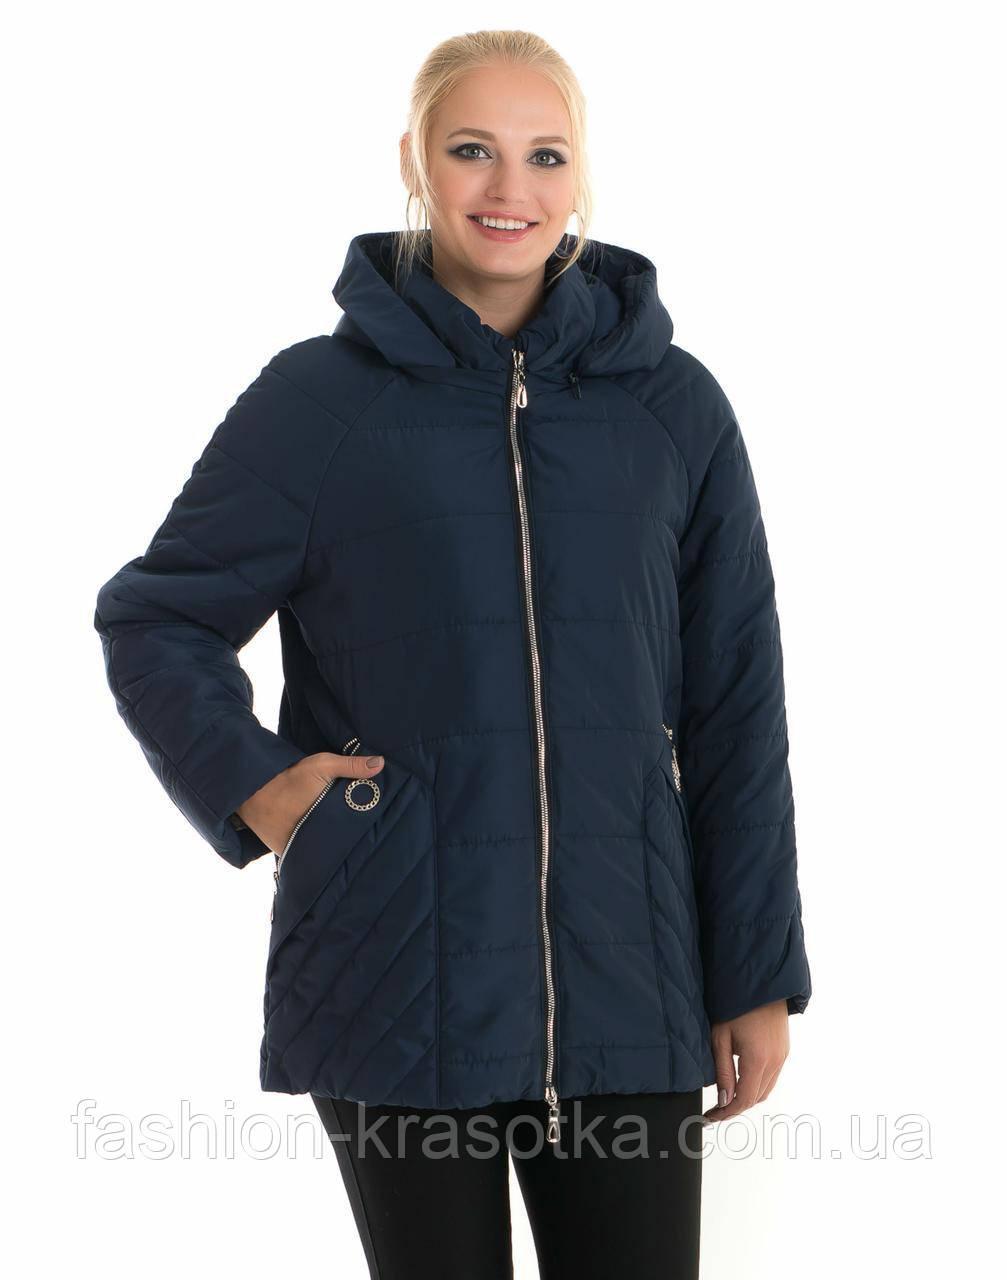 Теплая весенняя куртка синего цвета, увеличенных размеров